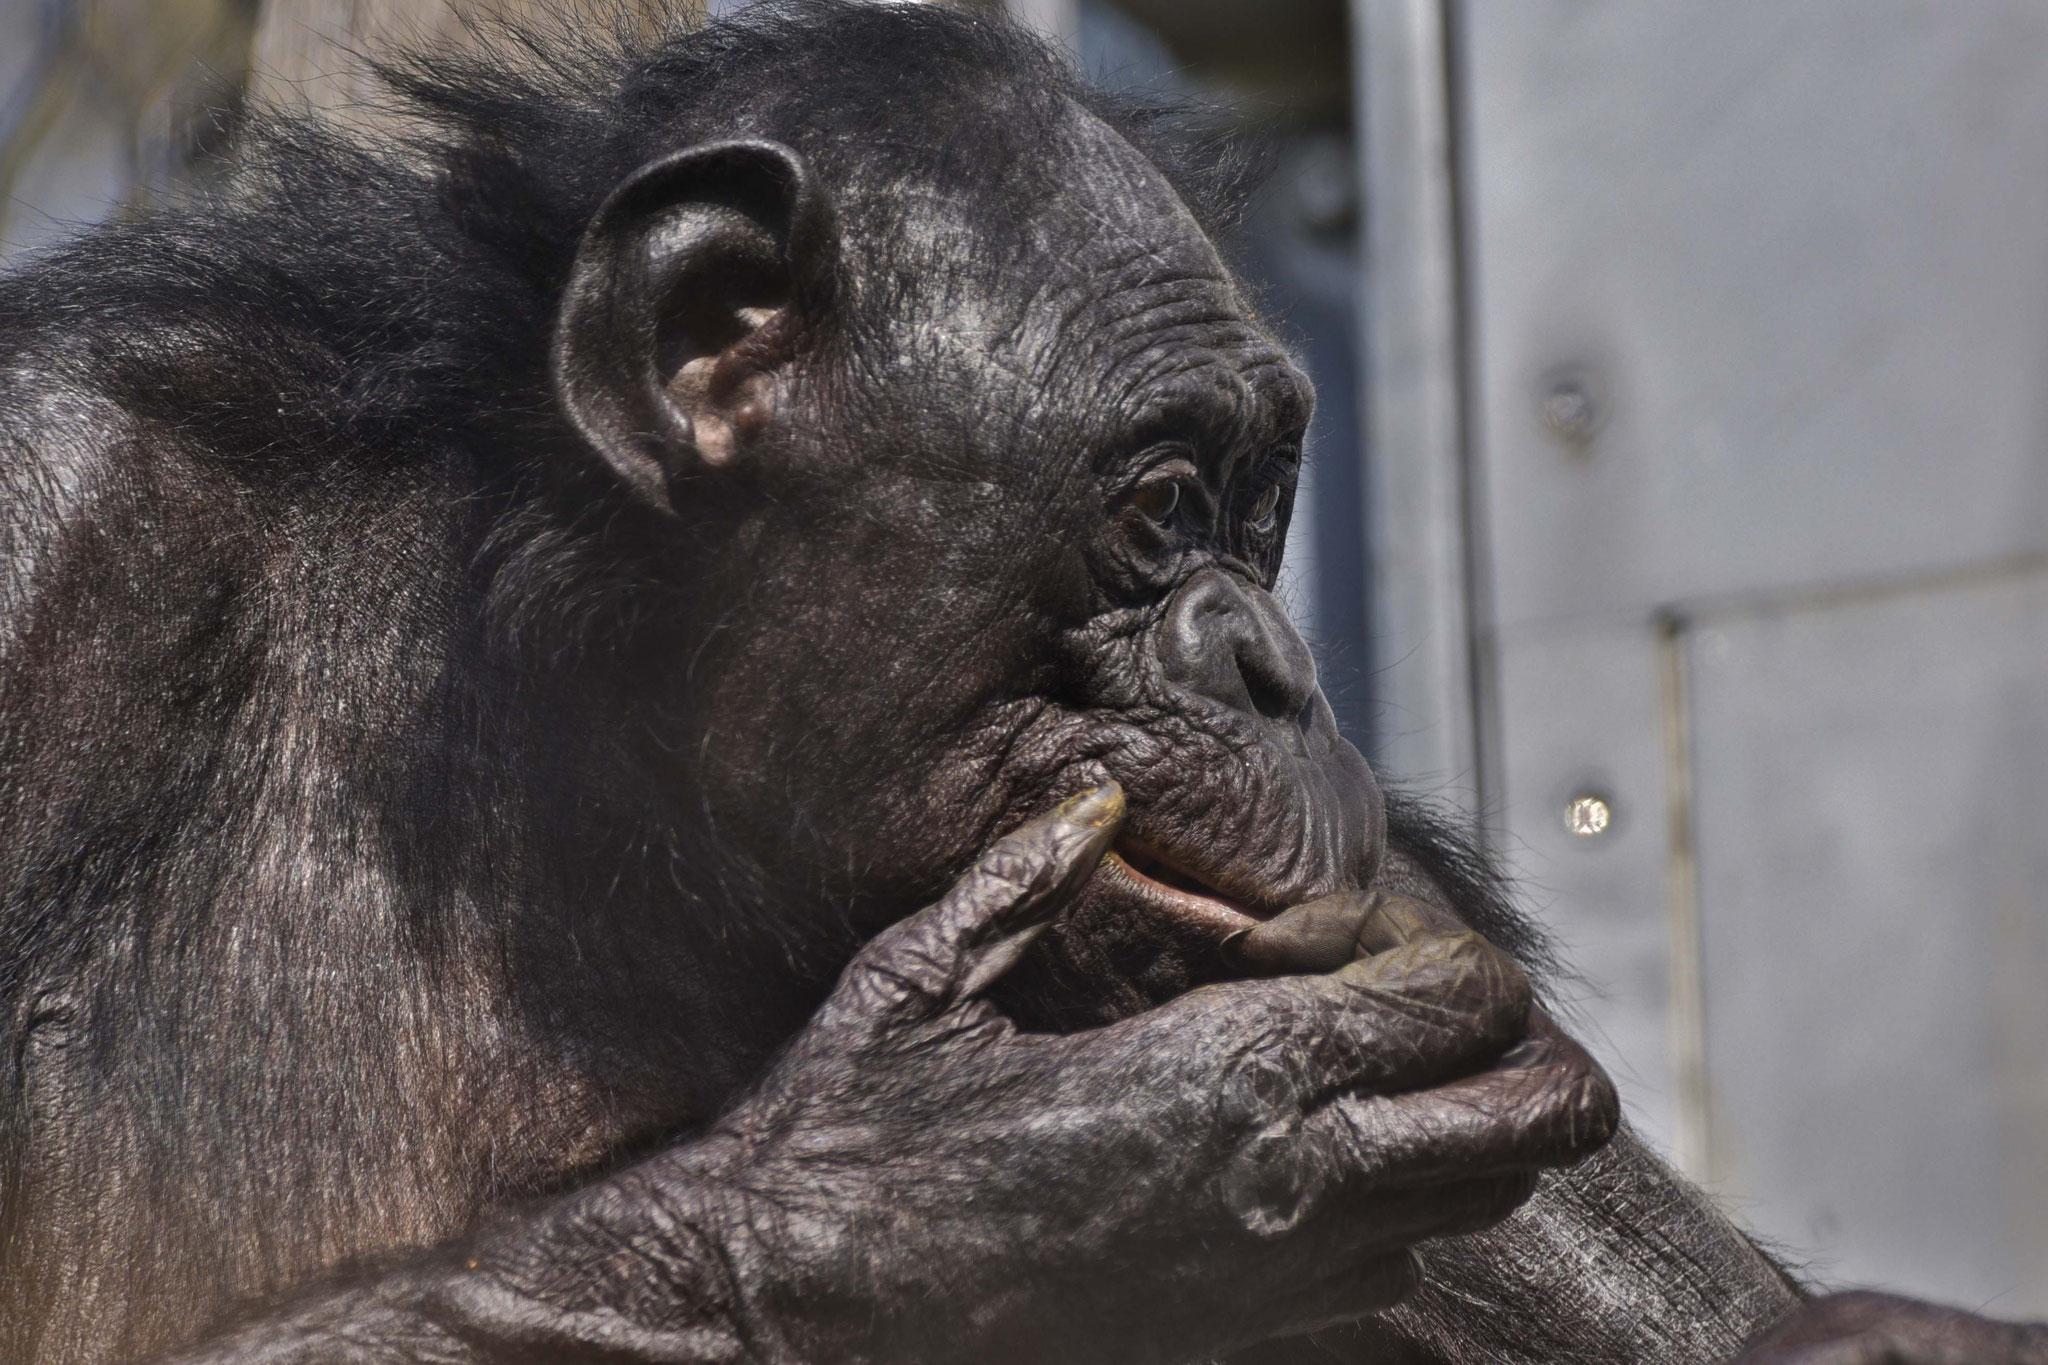 Bonobo im Außengehege der Wilhlema, Stuttgart